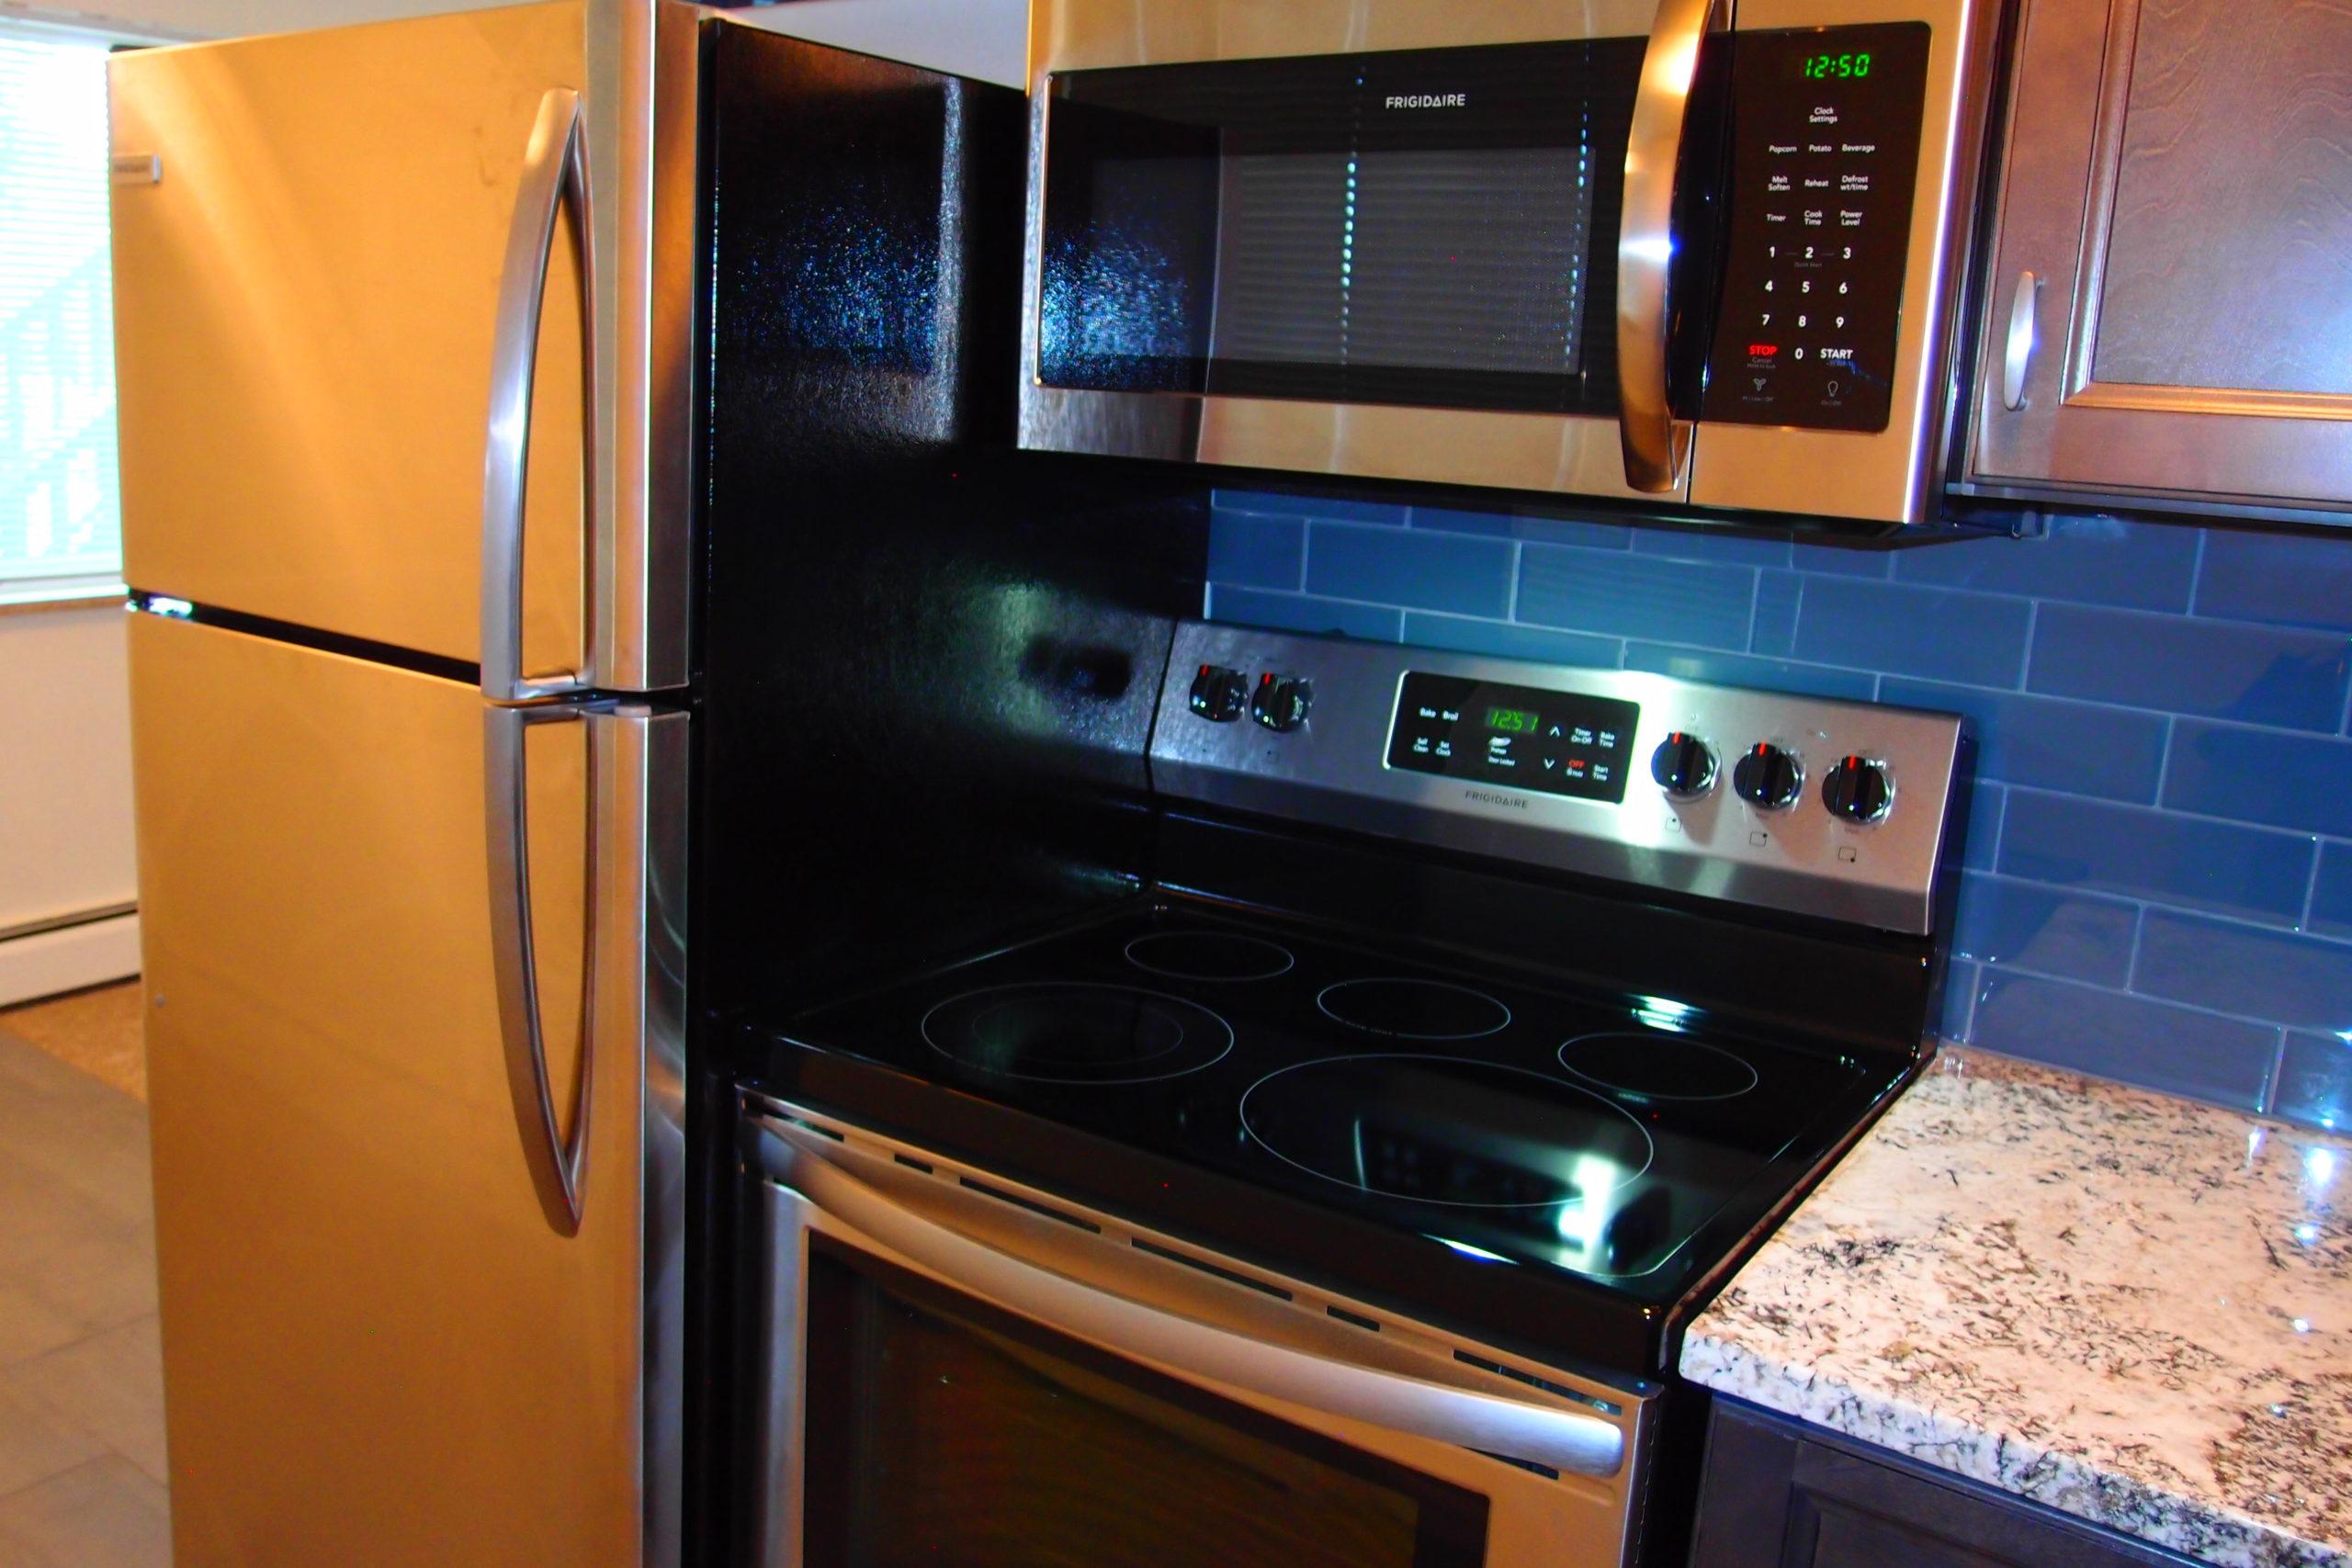 Spruce 2 Kitchen Appliances